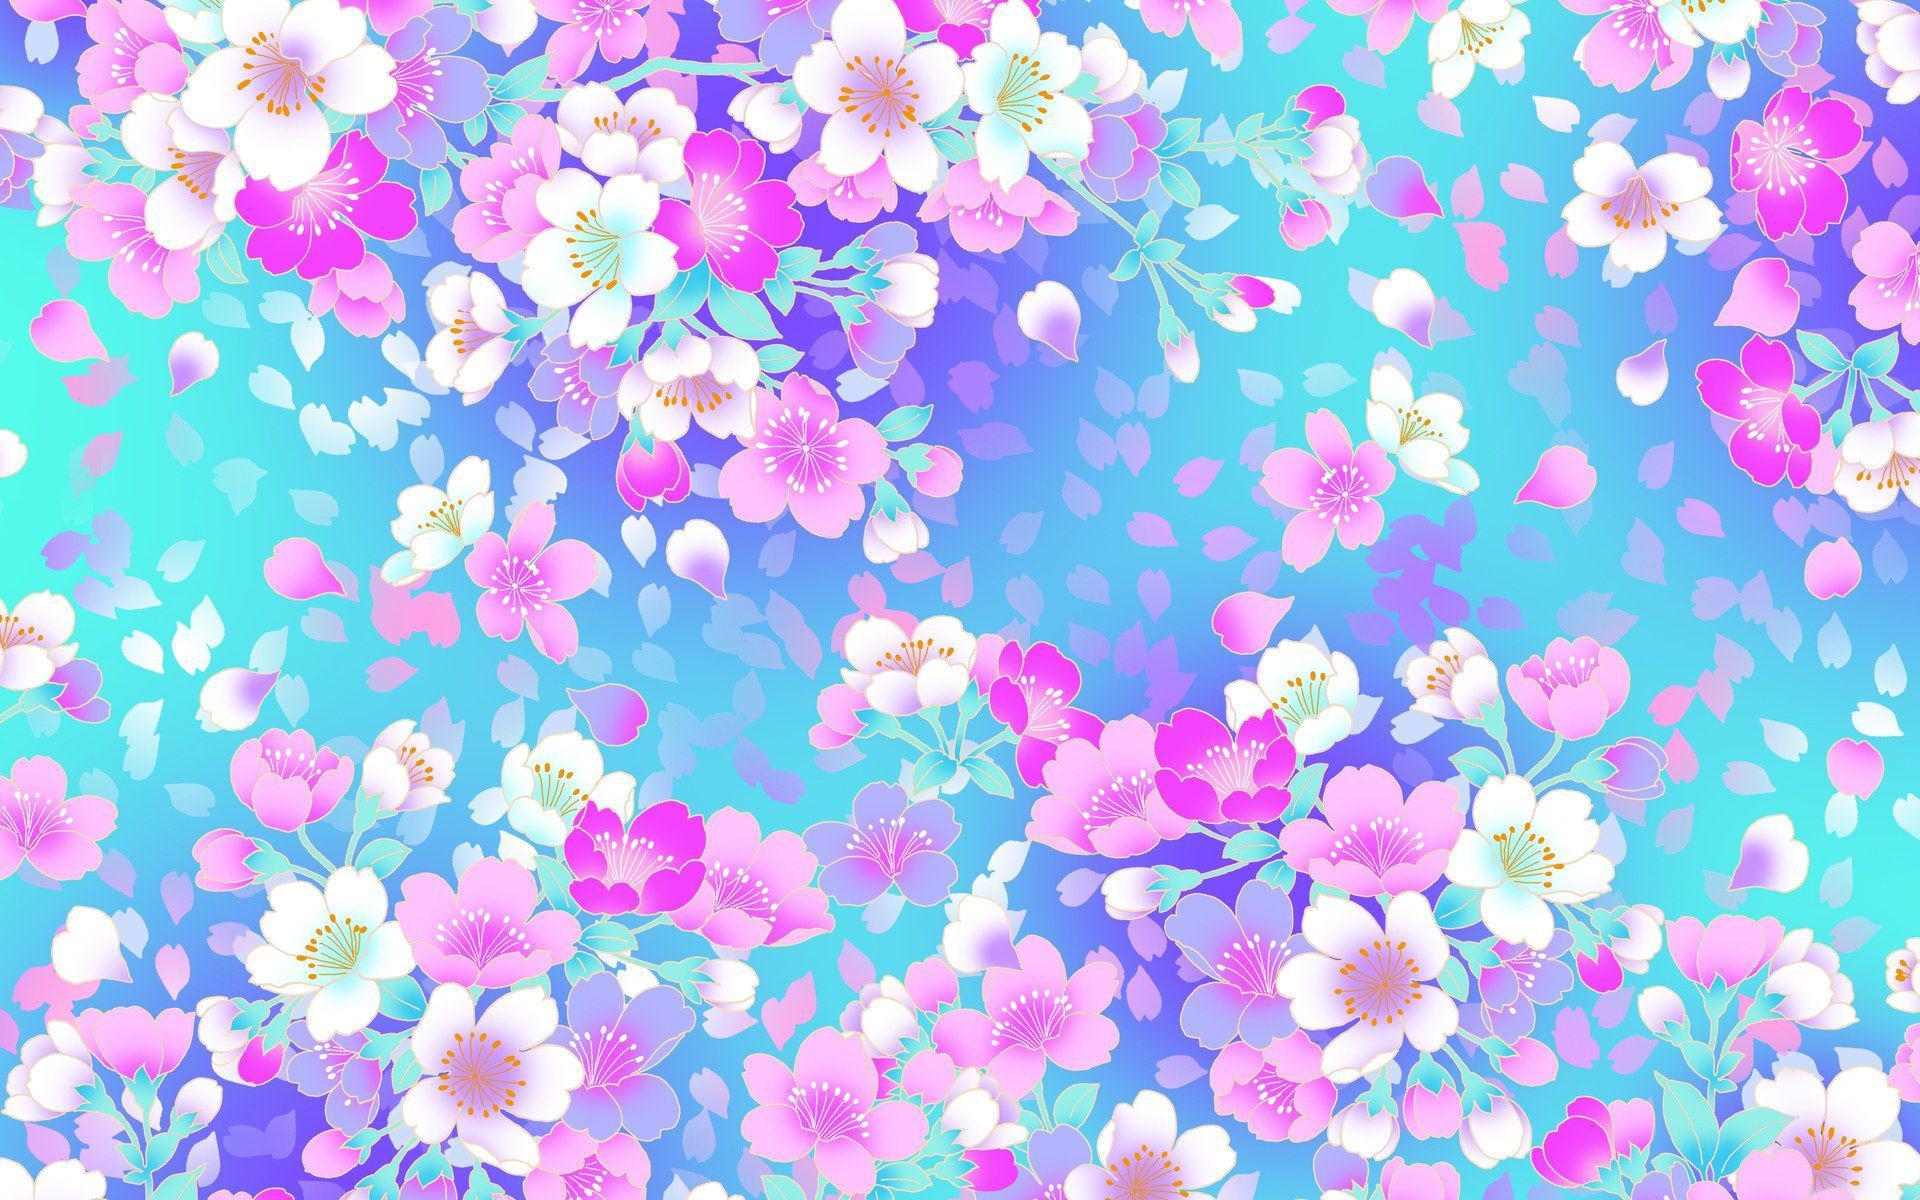 عکس زمینه شکوفه های بهاری رنگارنگ با زمینه آبی پس زمینه